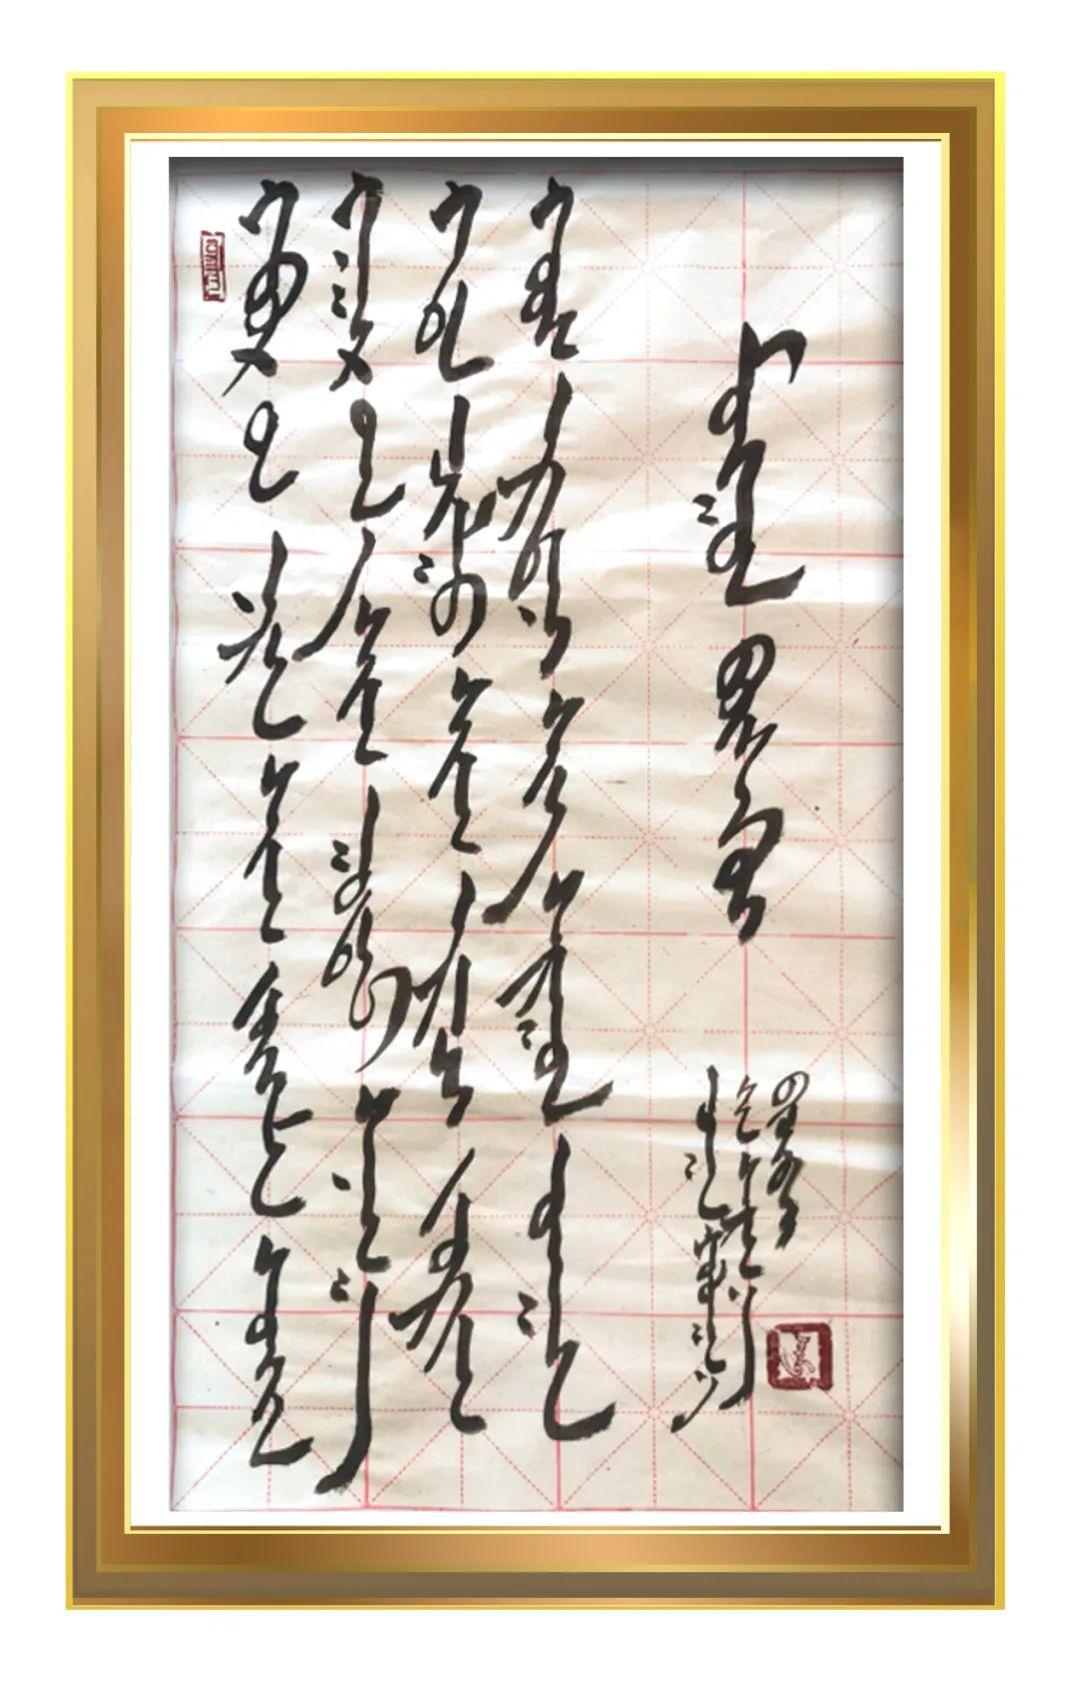 家乡美 | 萨日娜书法作品欣赏 第8张 家乡美 | 萨日娜书法作品欣赏 蒙古书法